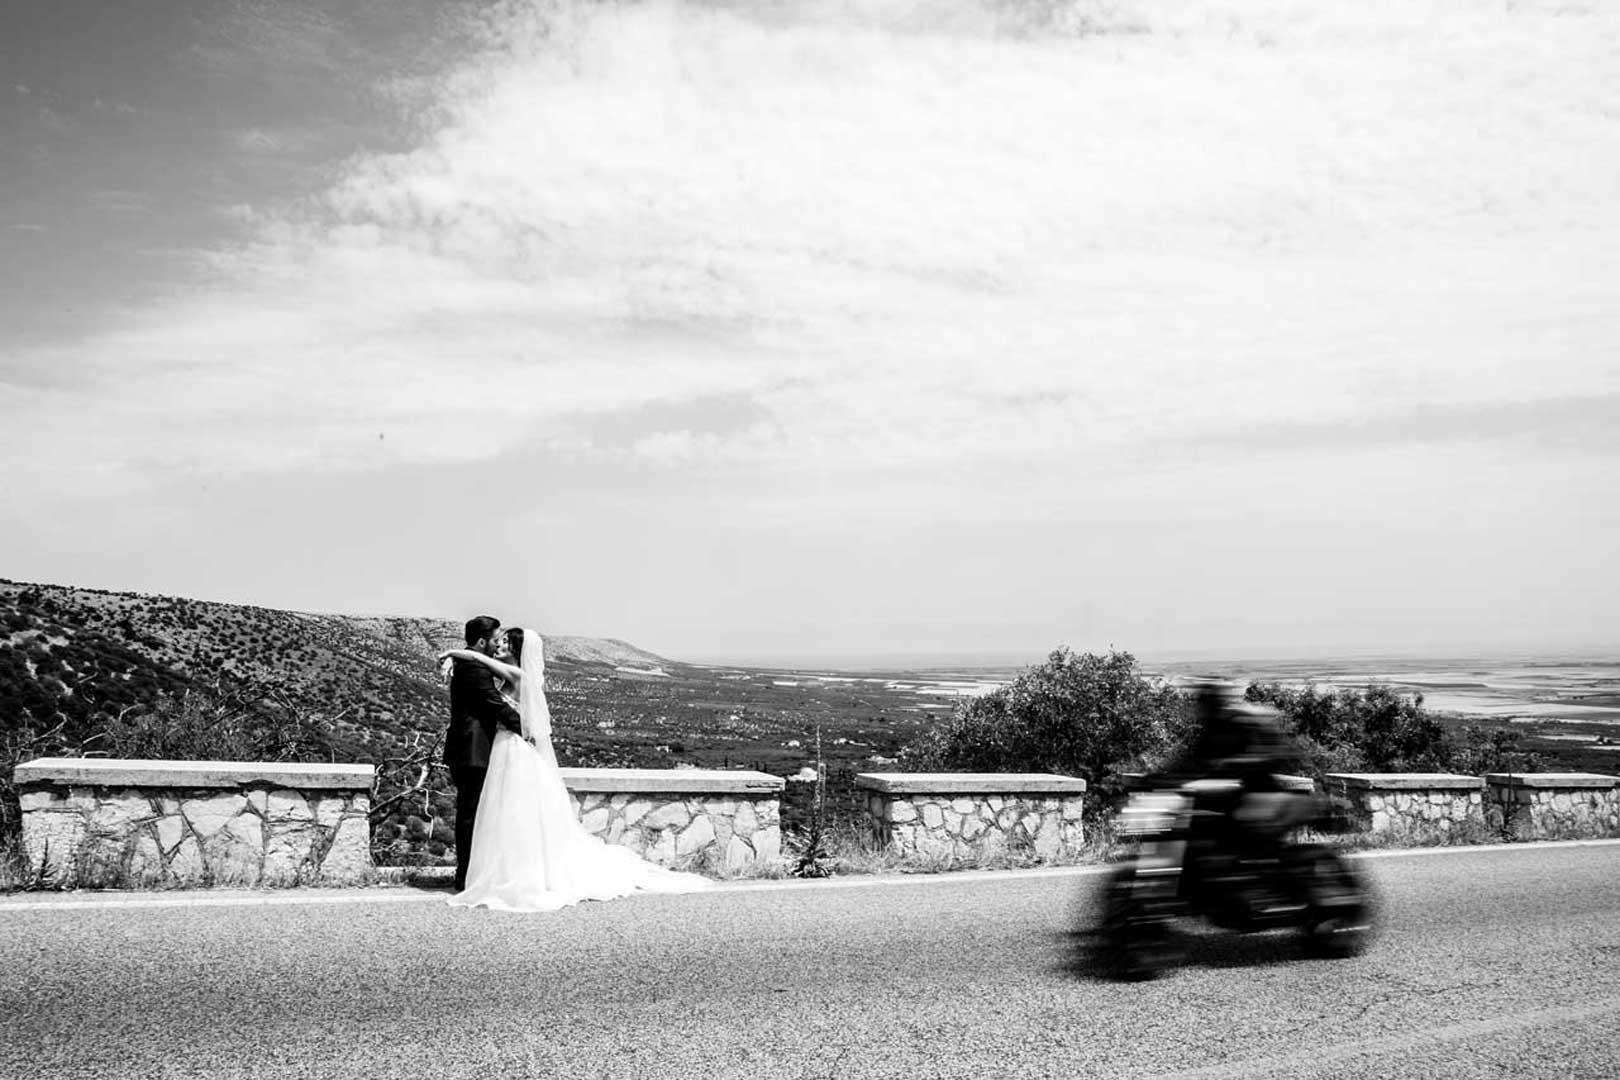 023-matrimonio-foggia-gianni-lepore-fotografo